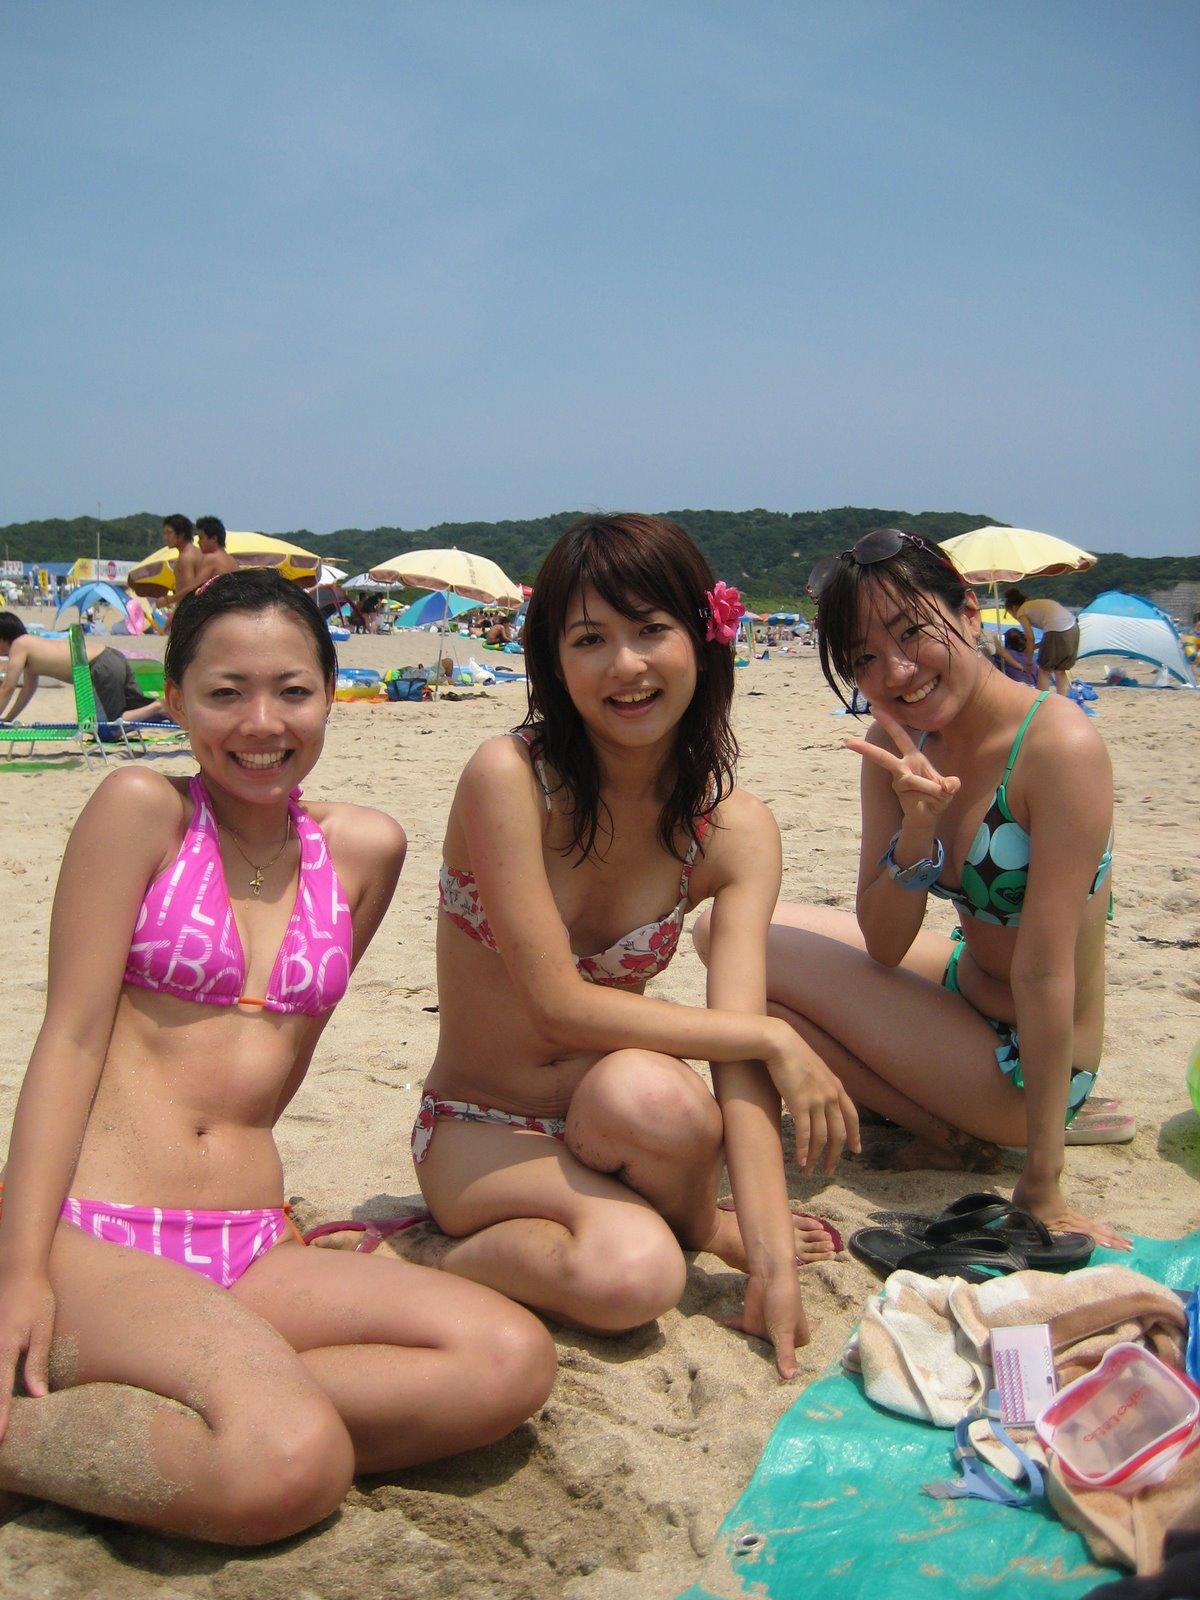 【胸チラ画像】胸元が緩めの女性は乳首までもがノーガードwww 09